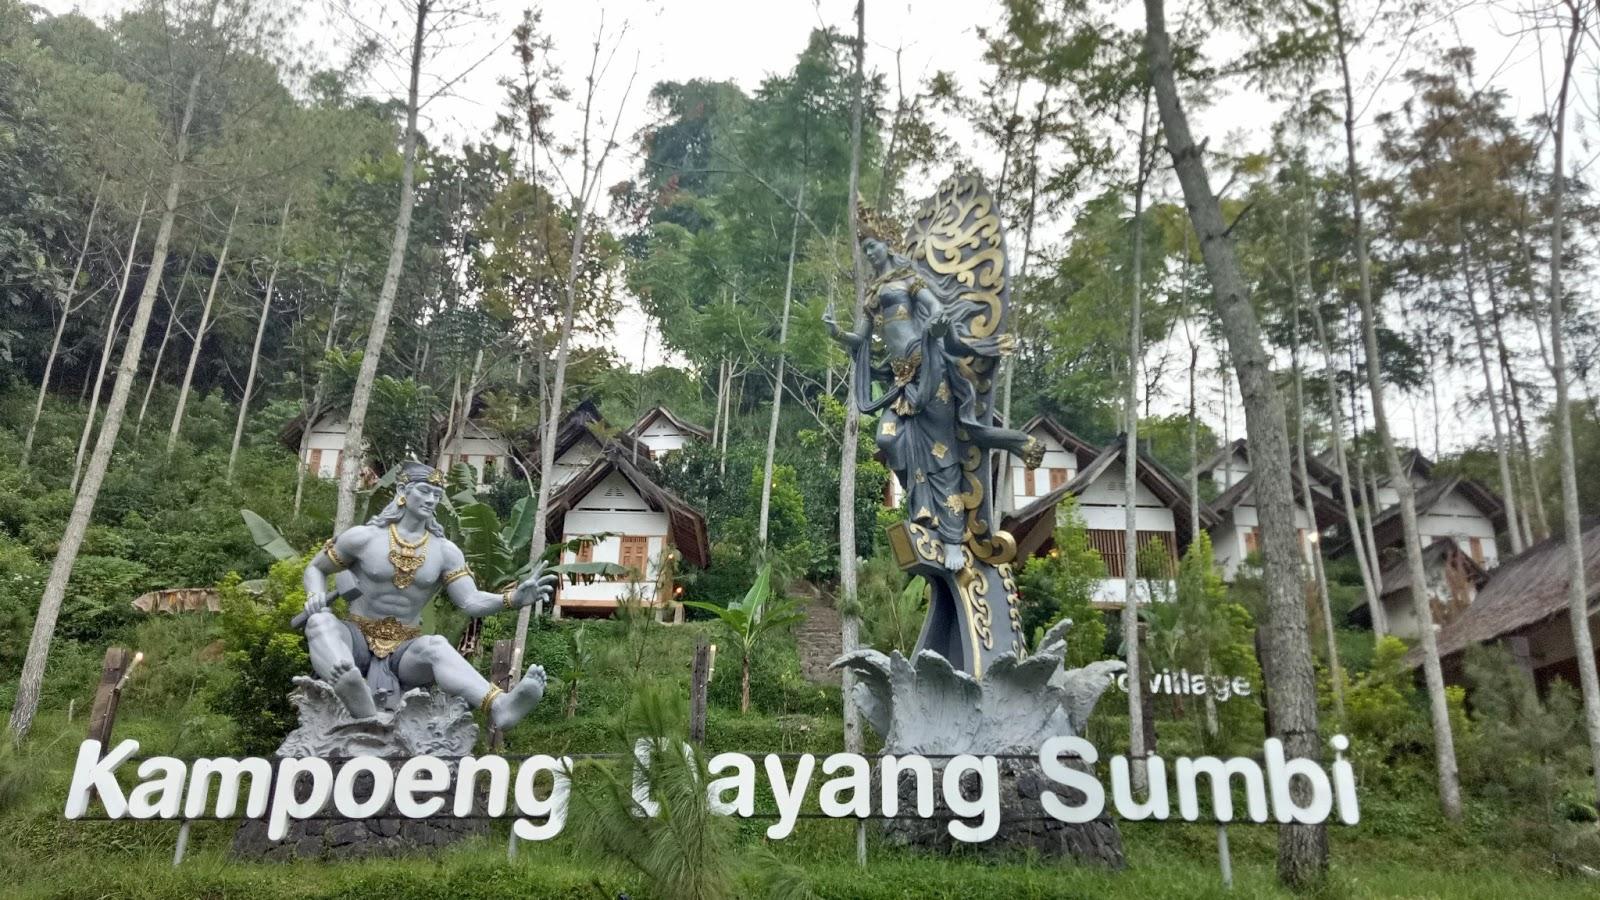 Kampoeng Dayang Sumbi Di Dago Dream Park